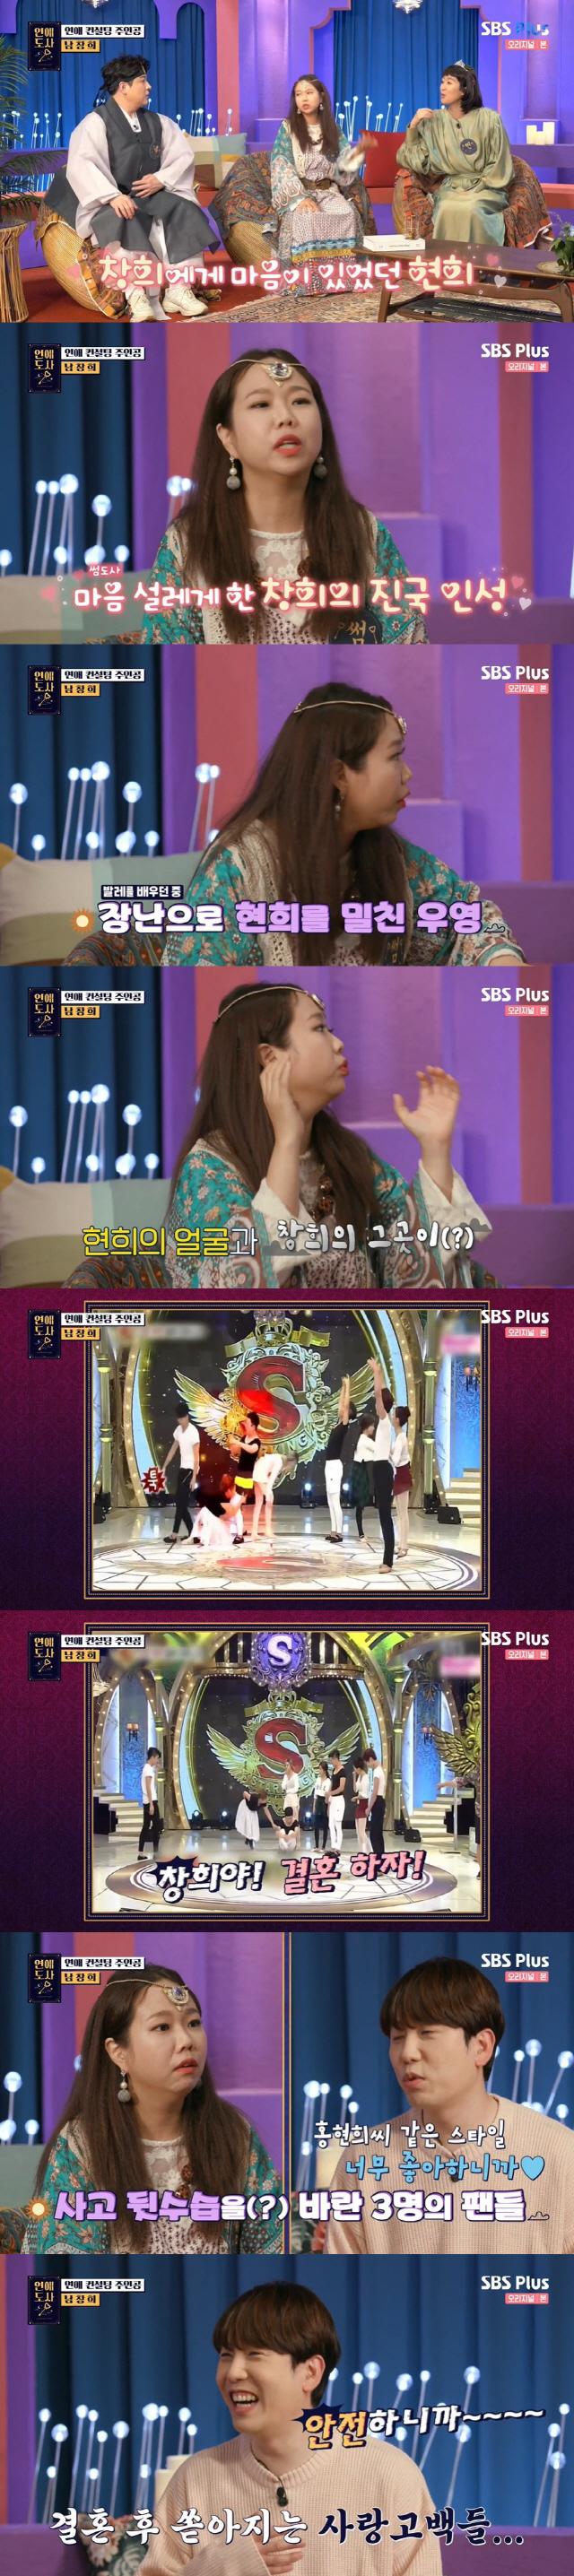 '연애도사' 홍현희